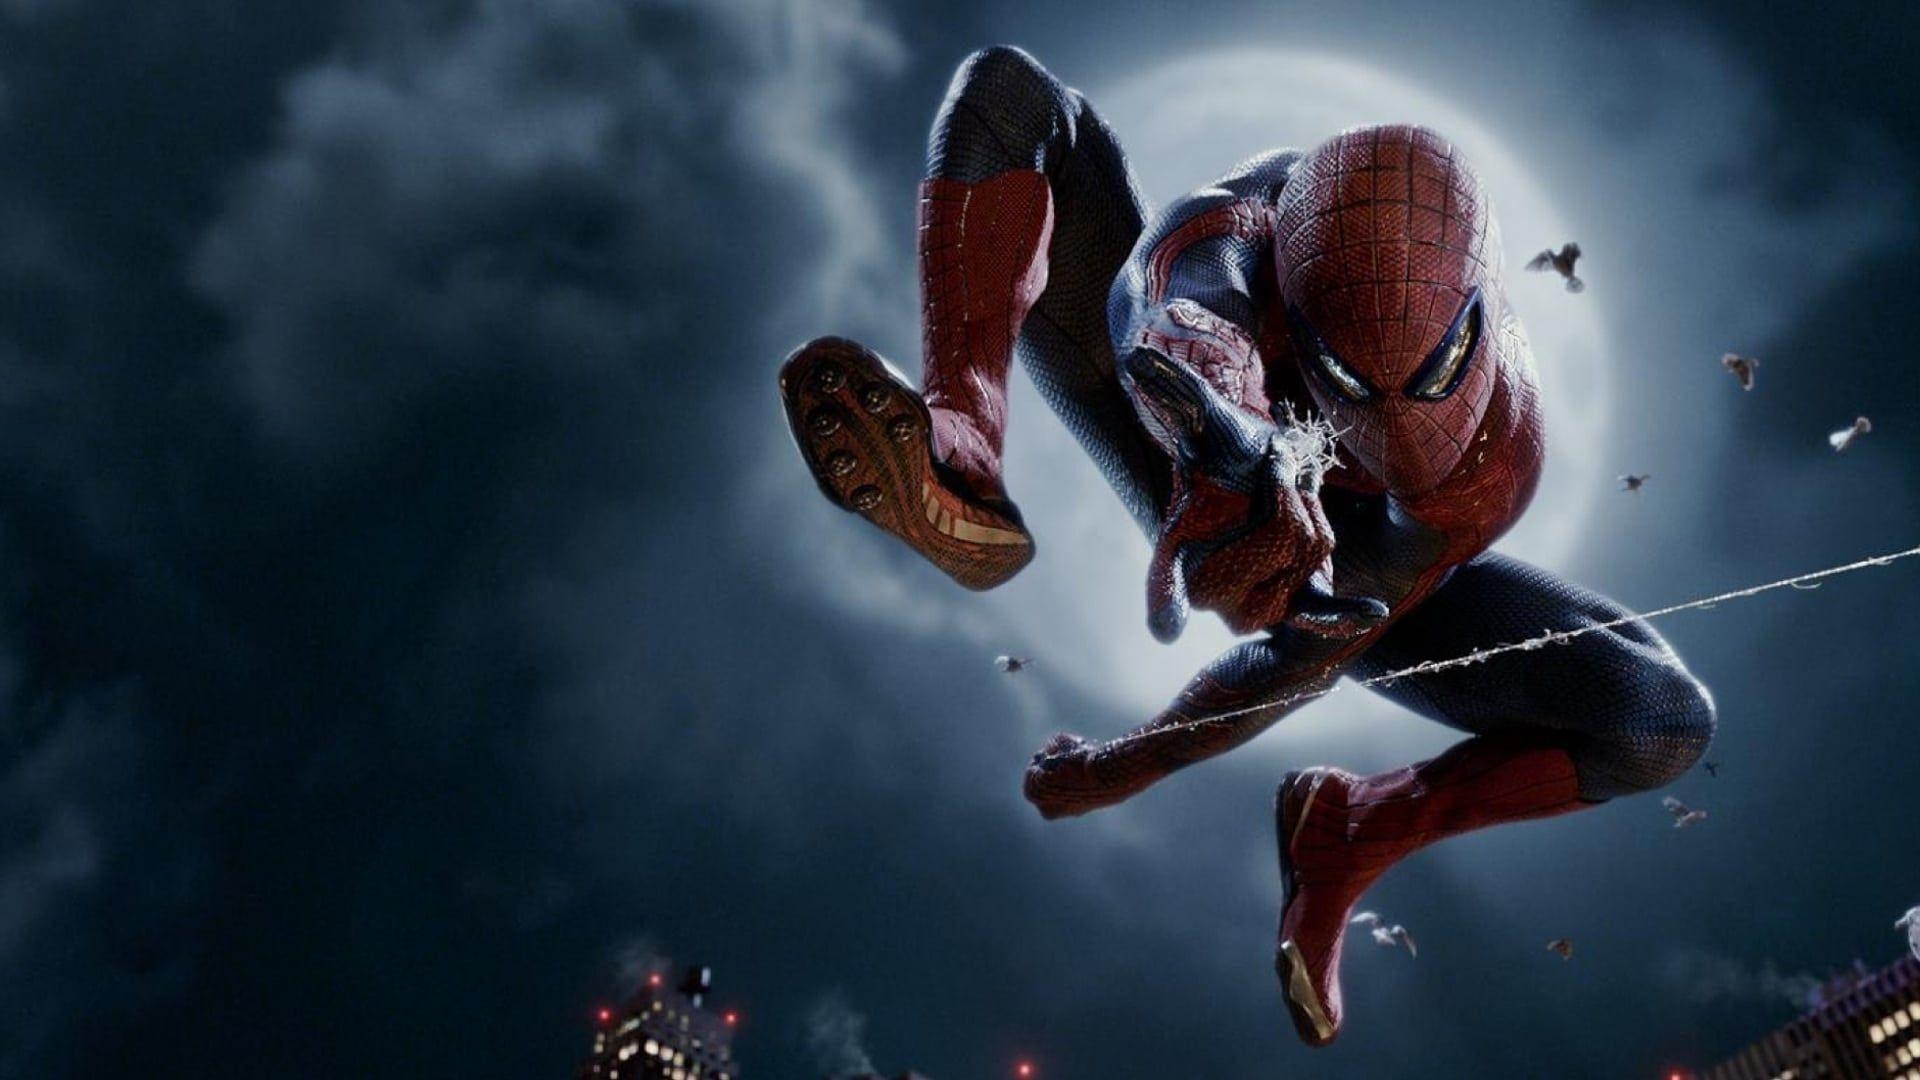 The Amazing Spider Man 2012 Ganzer Film Deutsch Komplett Kino The Amazing Spider Man 2012com Hd Movies Online Full Movies Online Free Marvel Entertainment